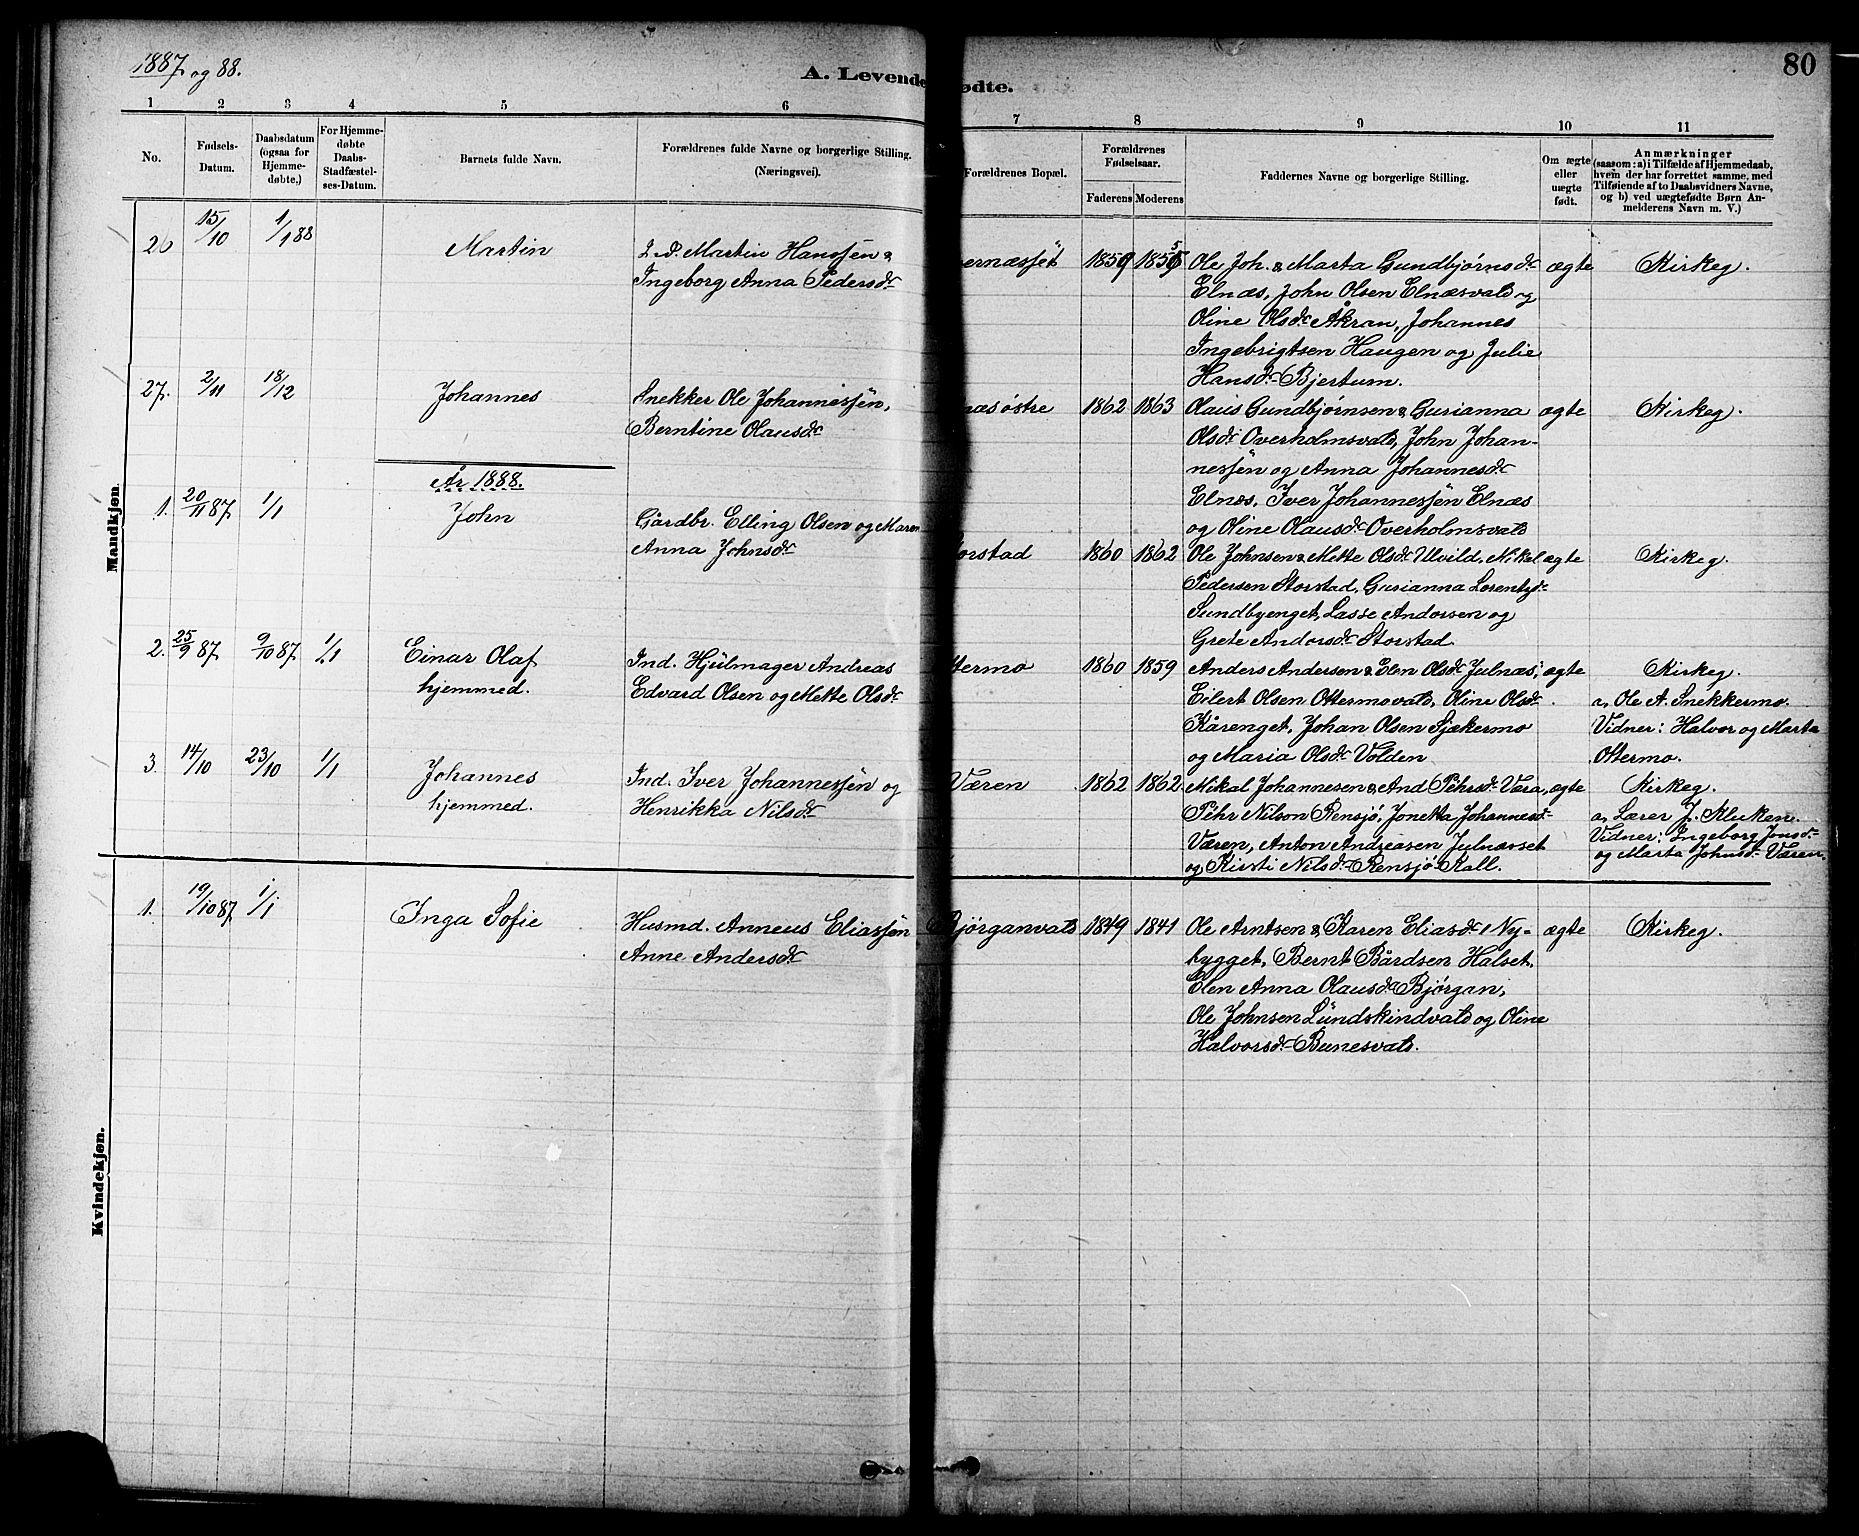 SAT, Ministerialprotokoller, klokkerbøker og fødselsregistre - Nord-Trøndelag, 724/L0267: Klokkerbok nr. 724C03, 1879-1898, s. 80